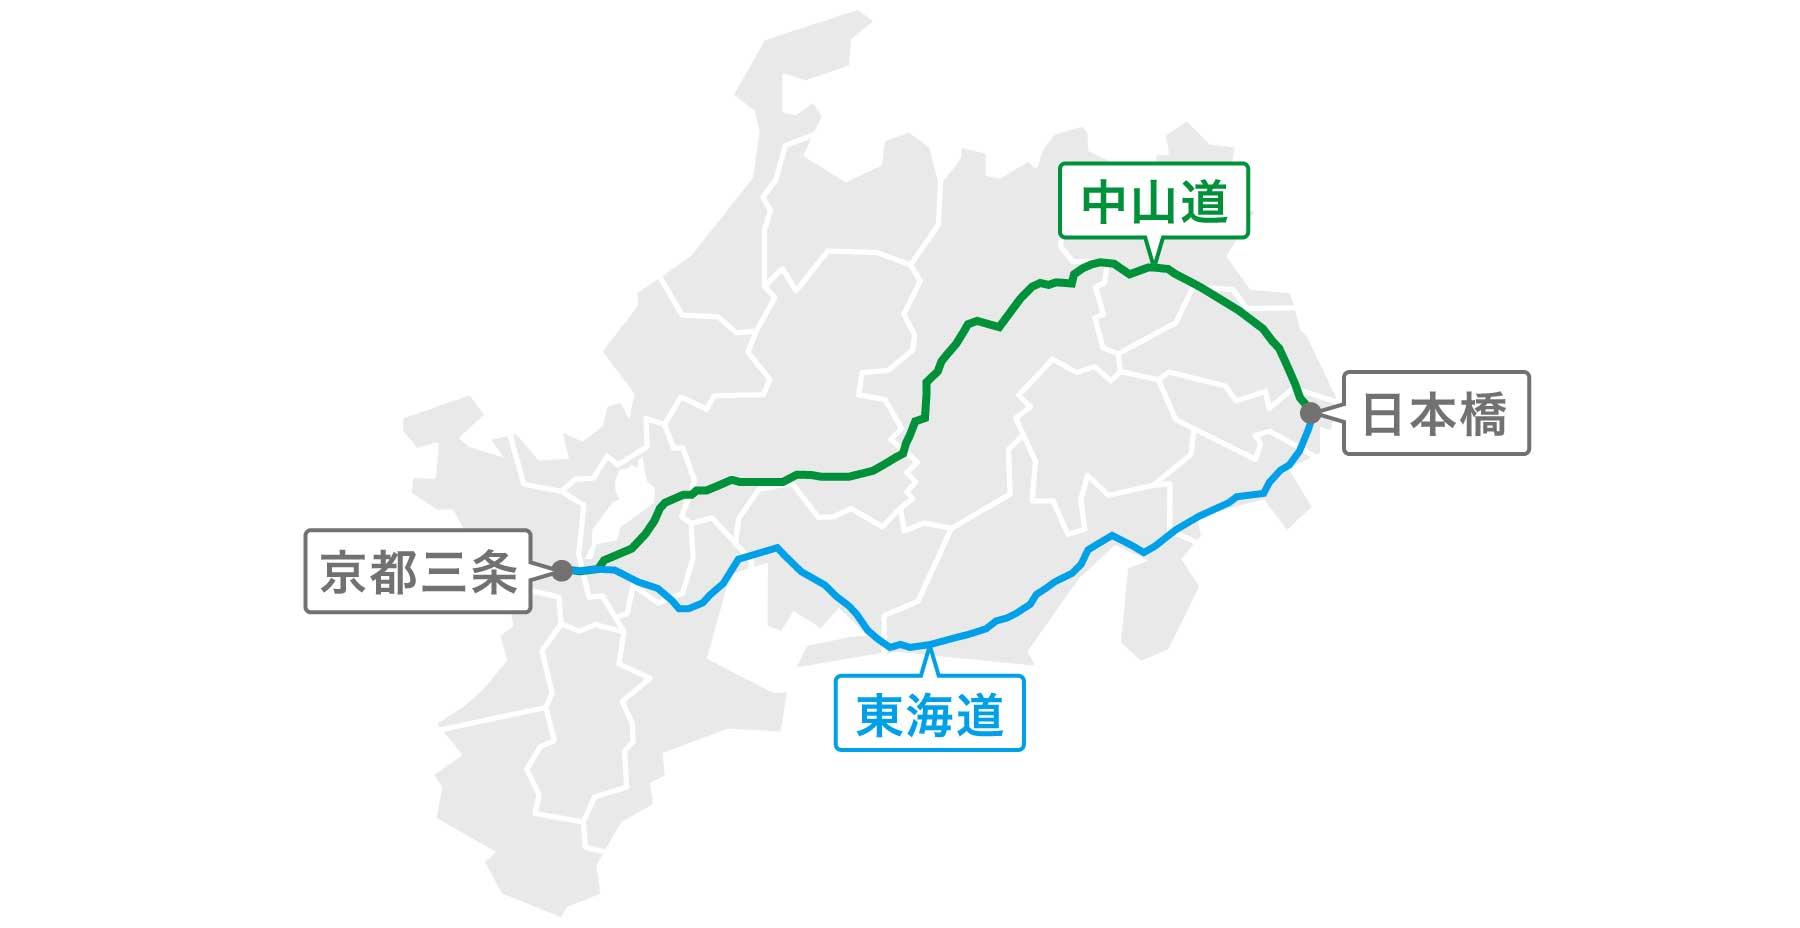 東海道と中山道の比較図